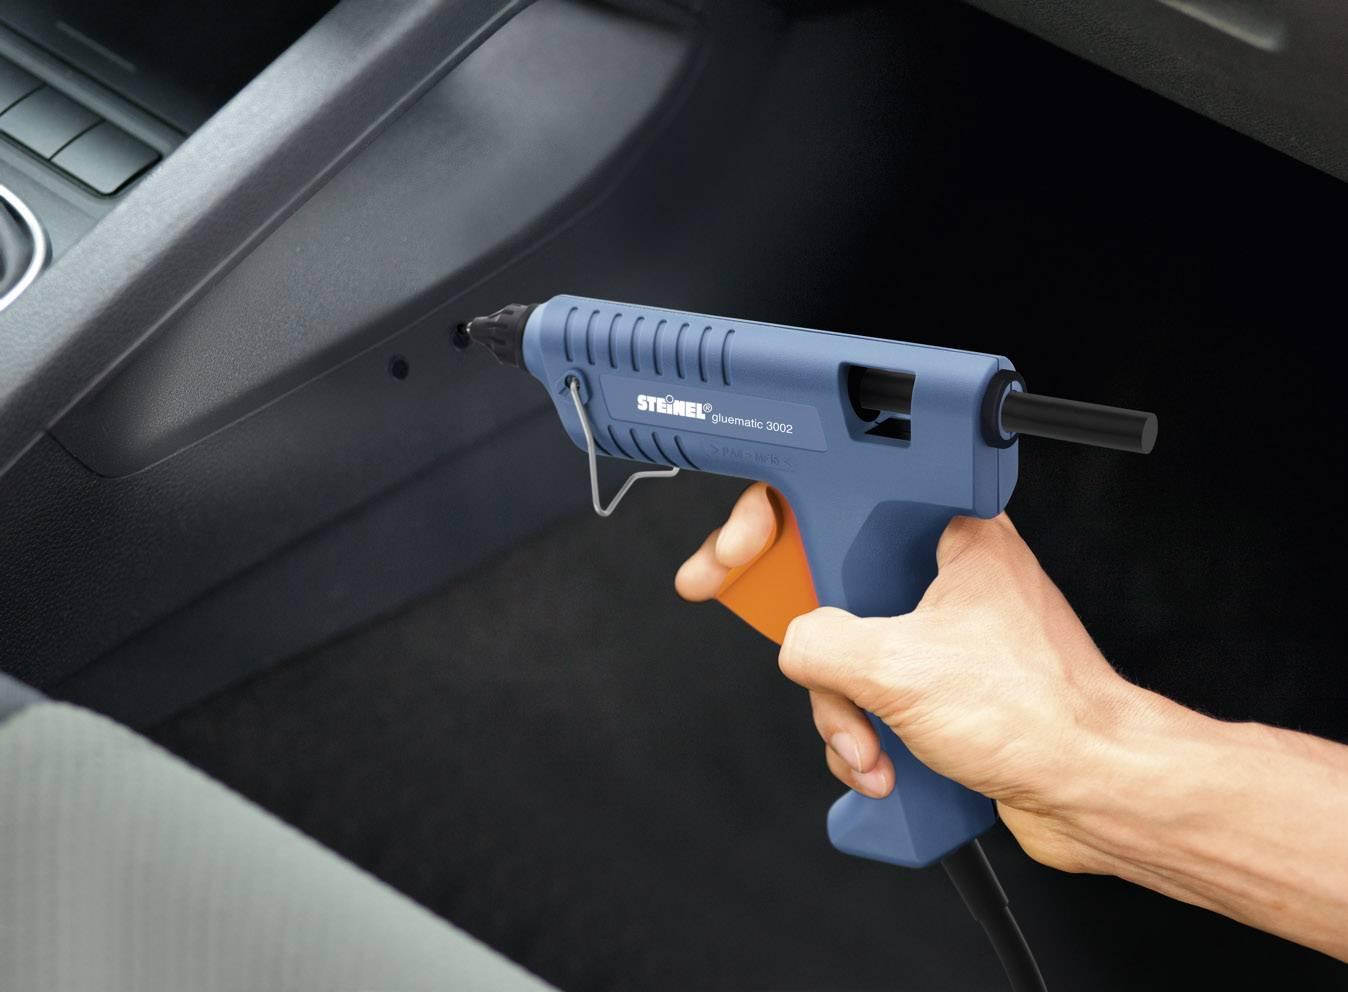 Steinel horúco lepiaca pištoľ série Gluematic 3002